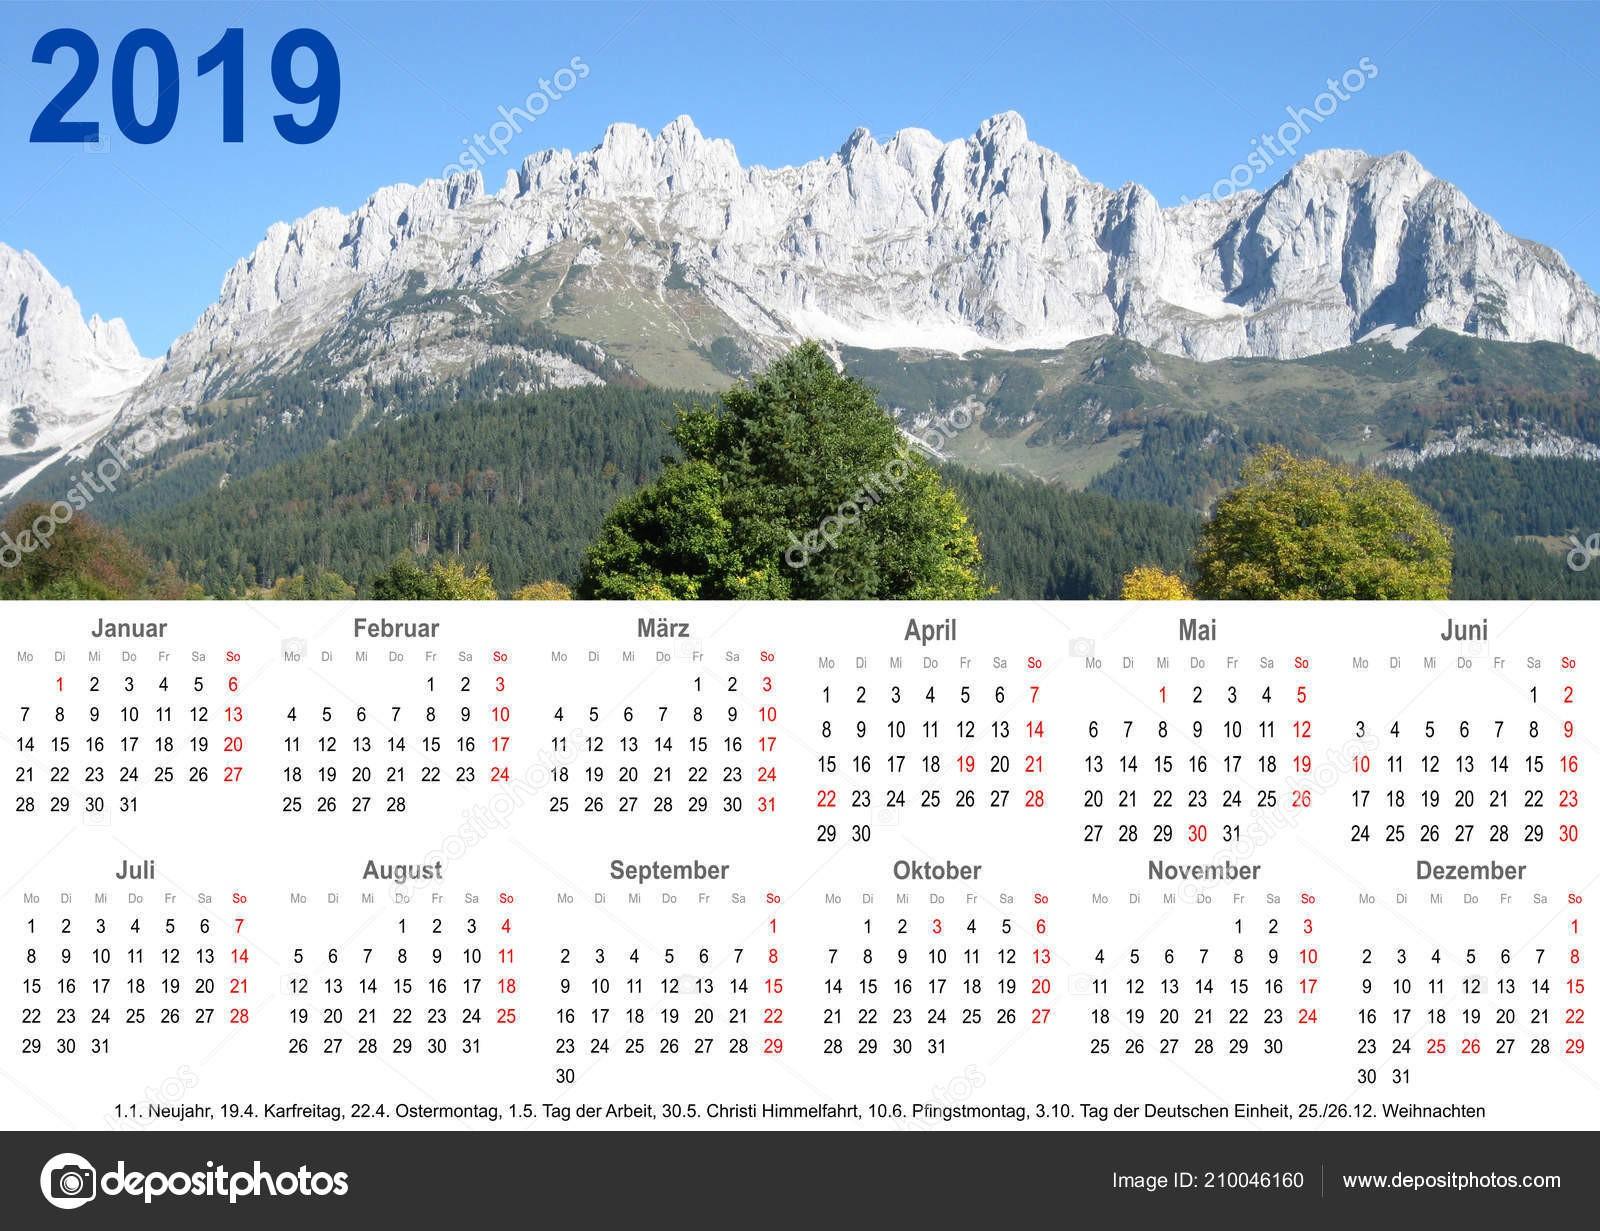 Calendário Anual 2019 Paisagem Montanha Acima Marca§µes Feriado Listagem — Fotografia de Stock